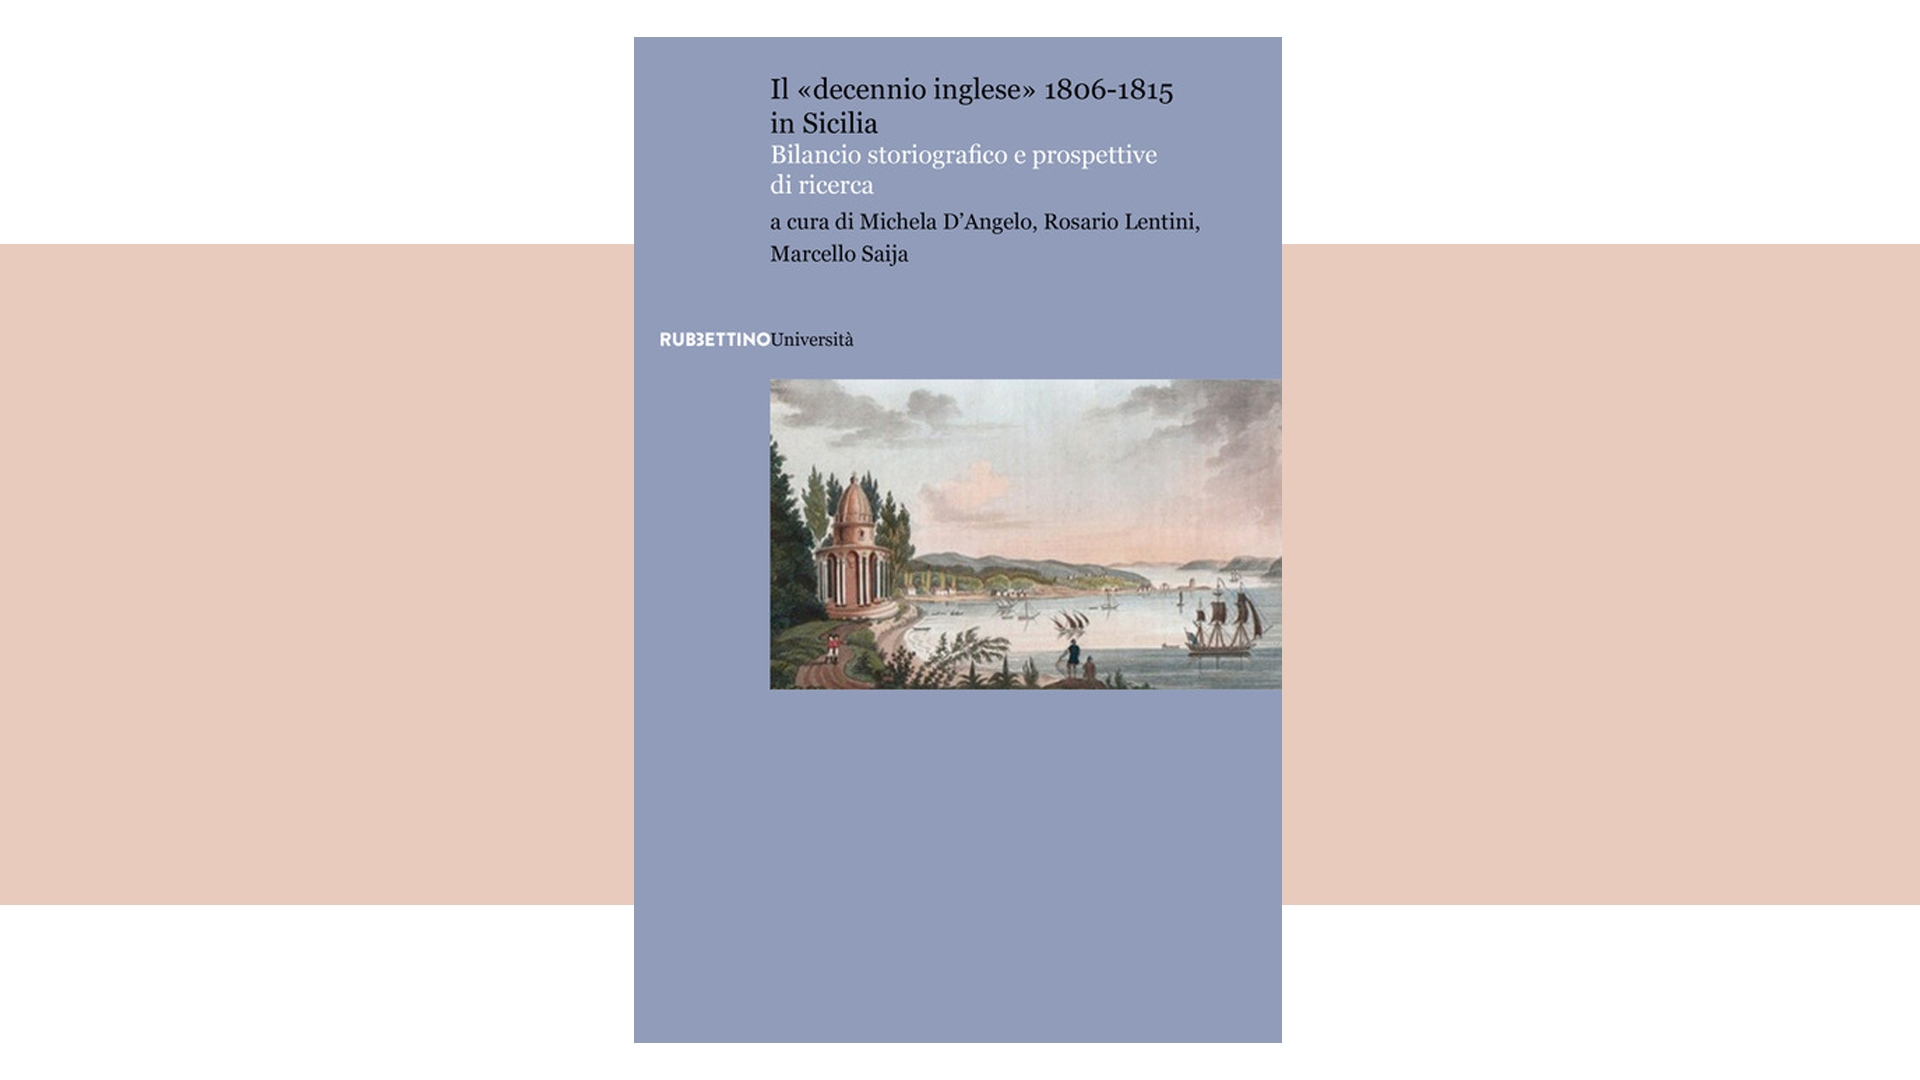 Il decennio inglese 1806-1815 in Sicilia